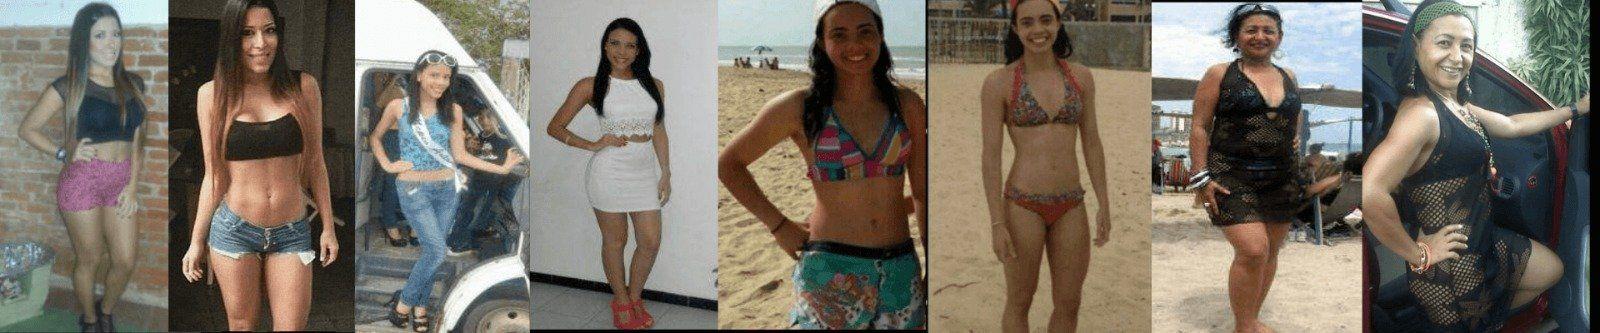 transformaciones fitness reales